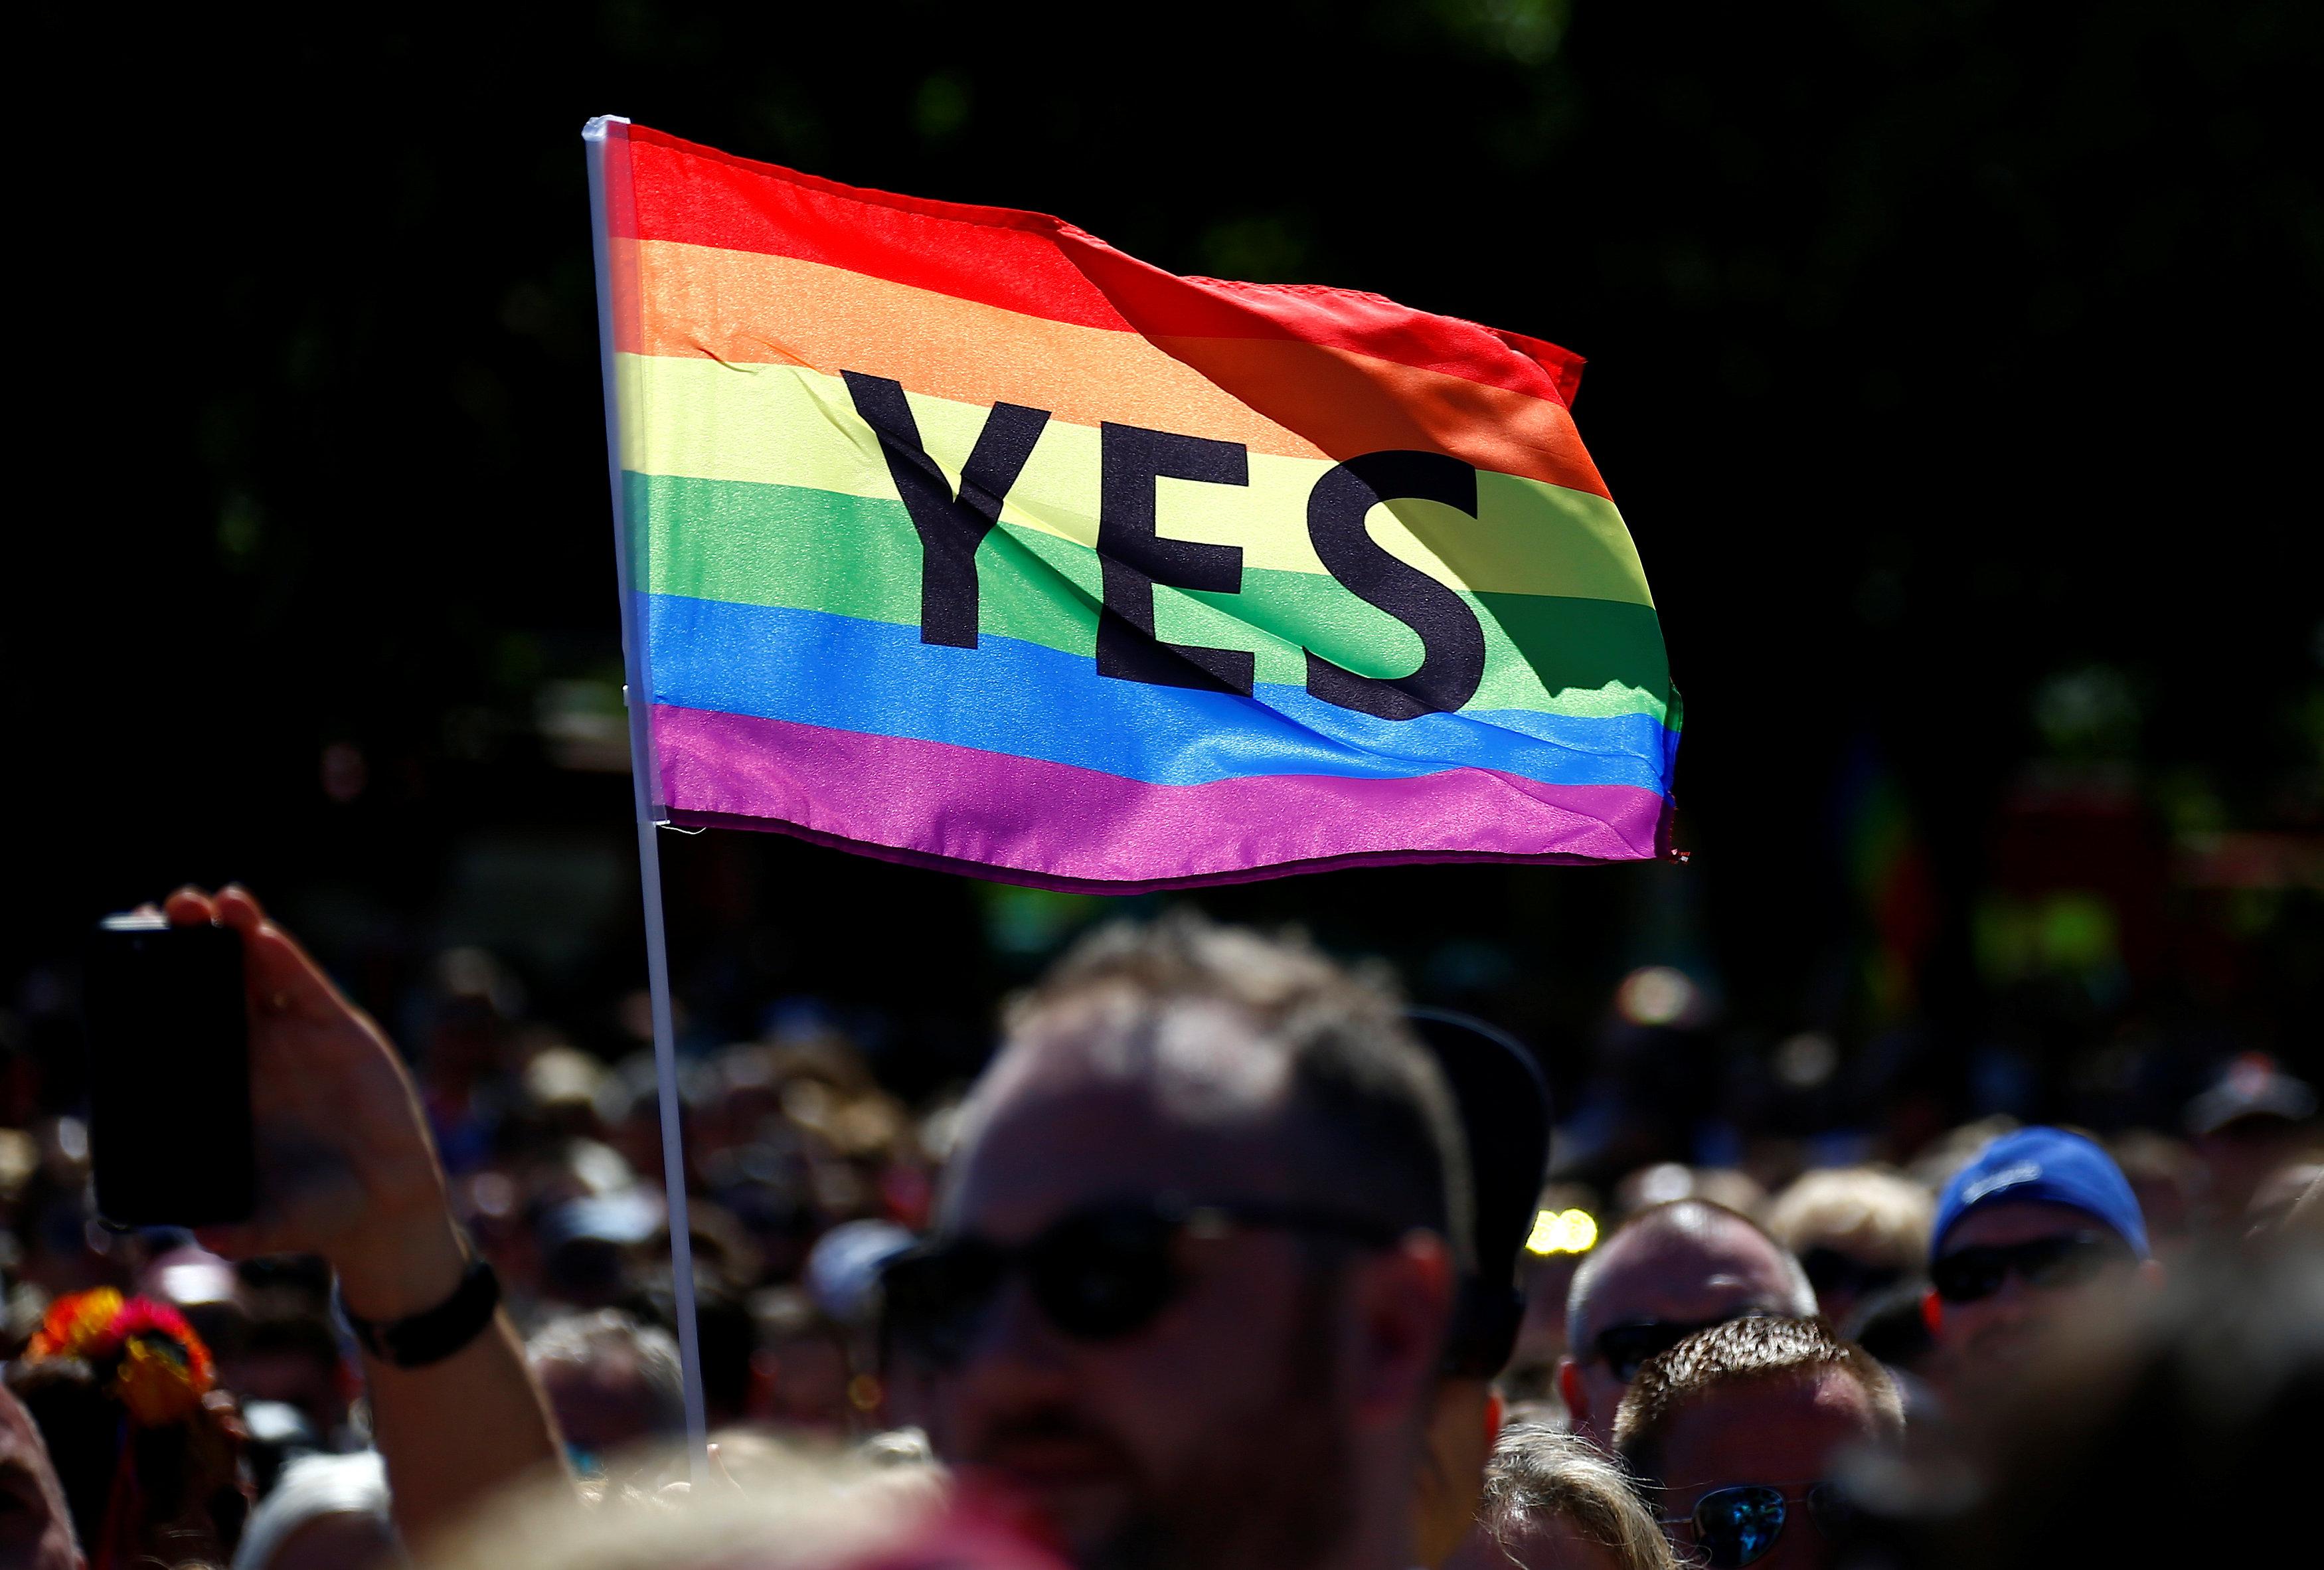 Australia votó Sí al matrimonio homosexual en una histórica consulta popular